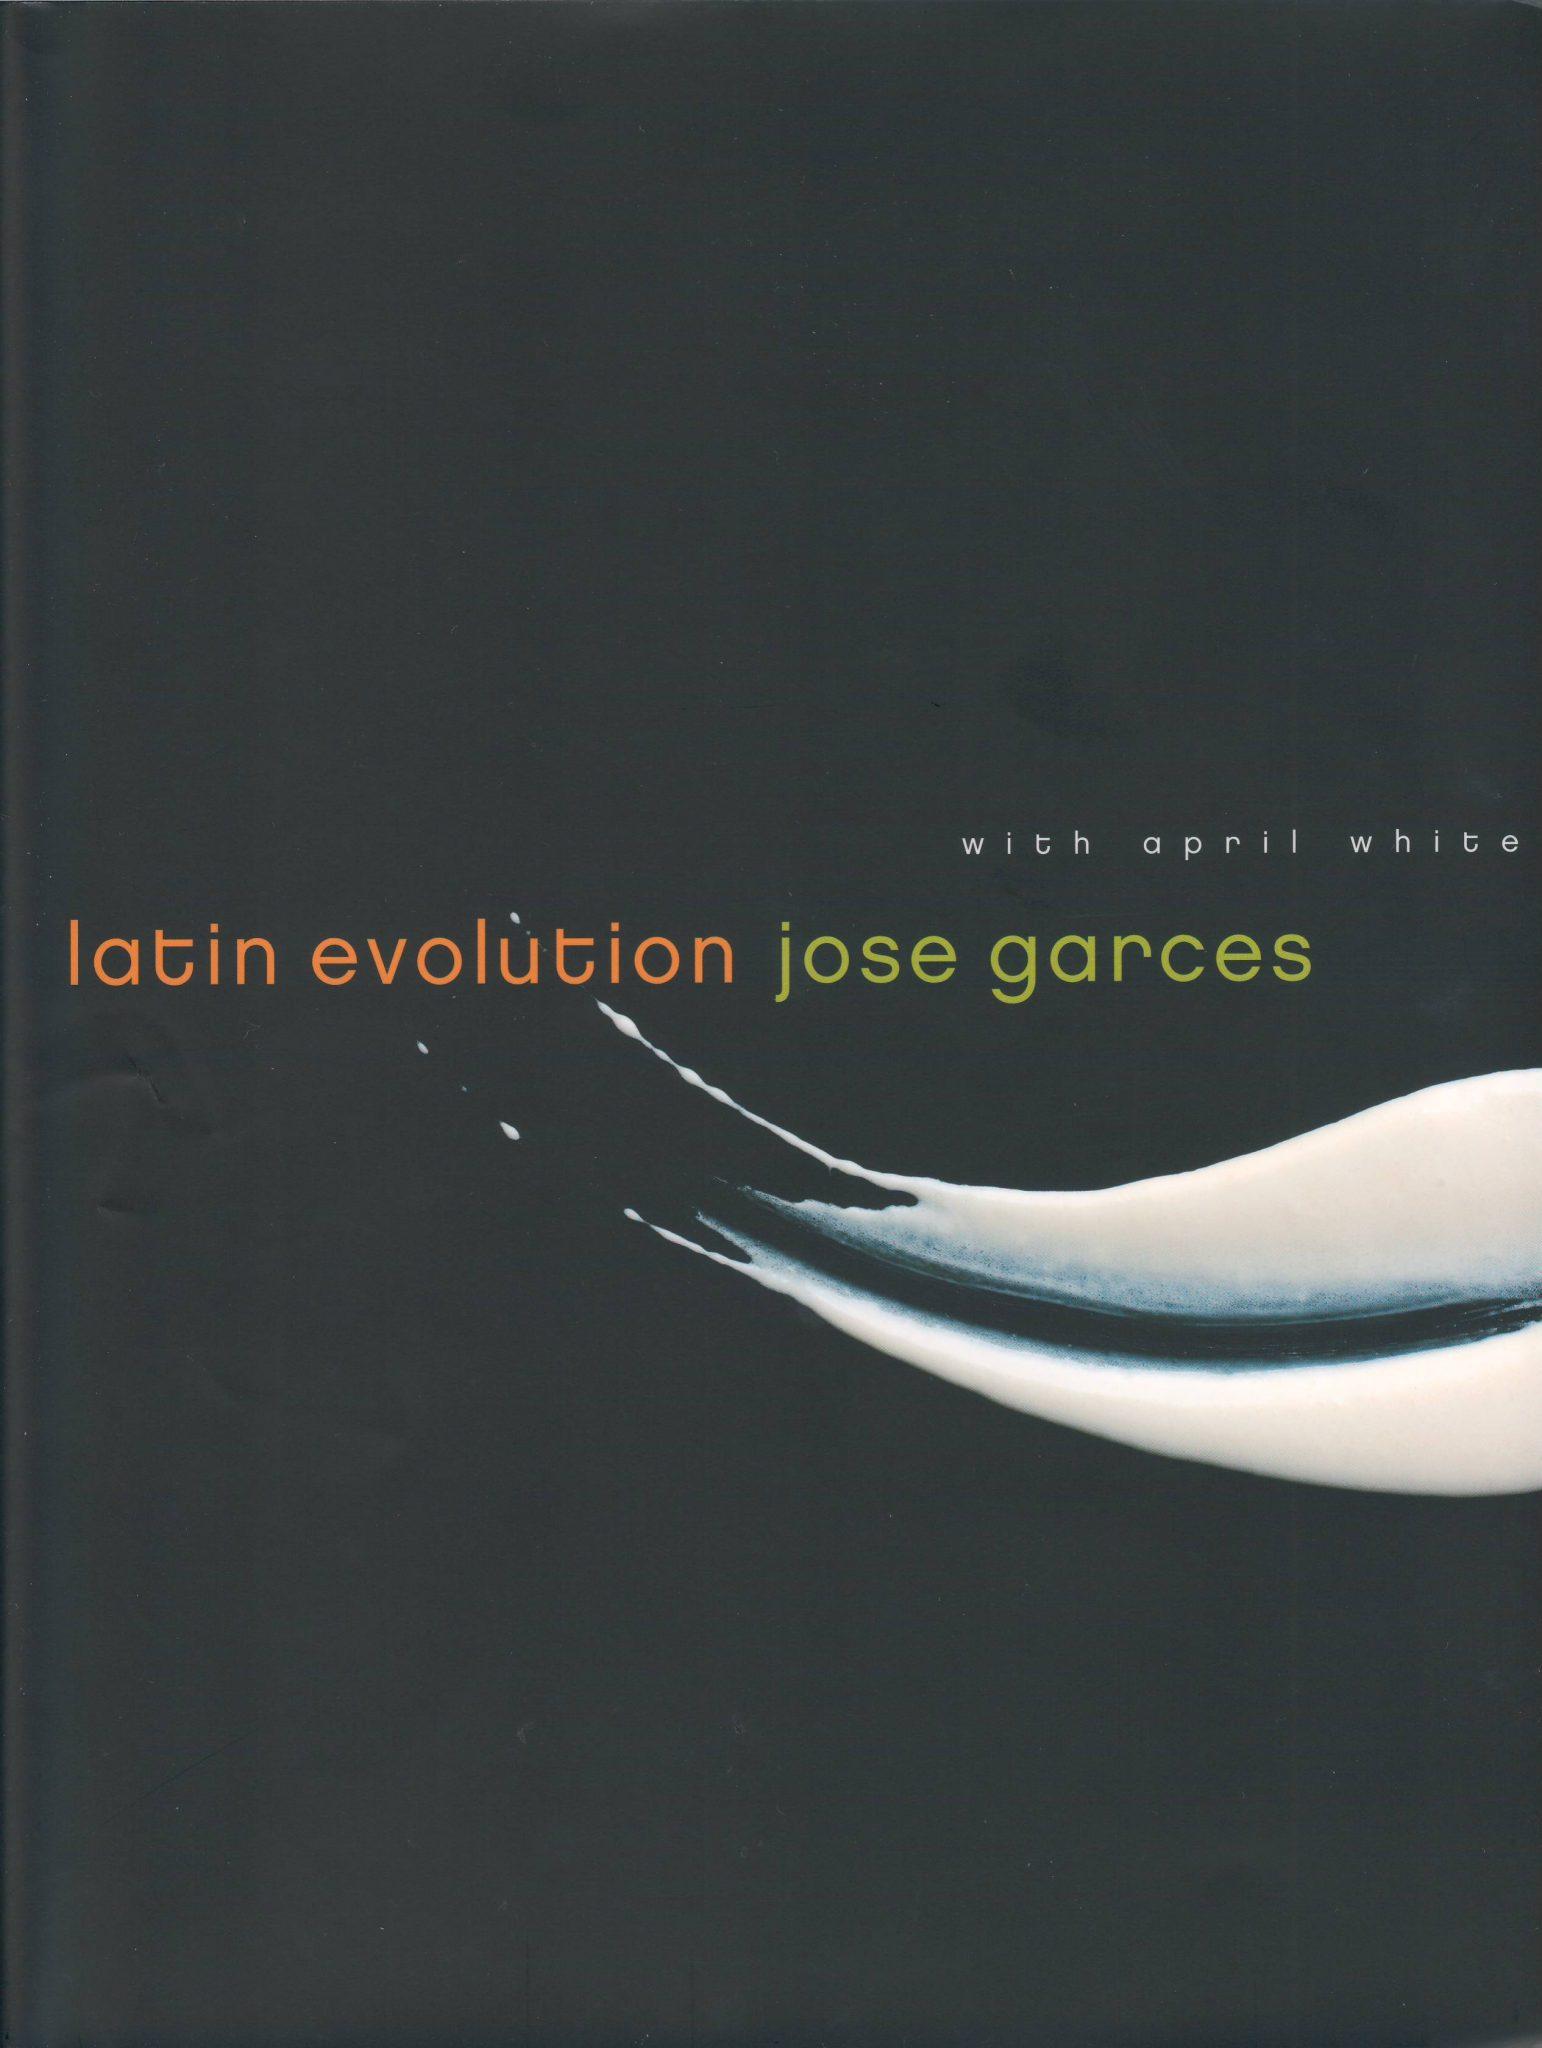 José Garcés ha construido una sólida y exitosa carrera, es un maestro en el manejo de las más complicadas técnicas imaginables